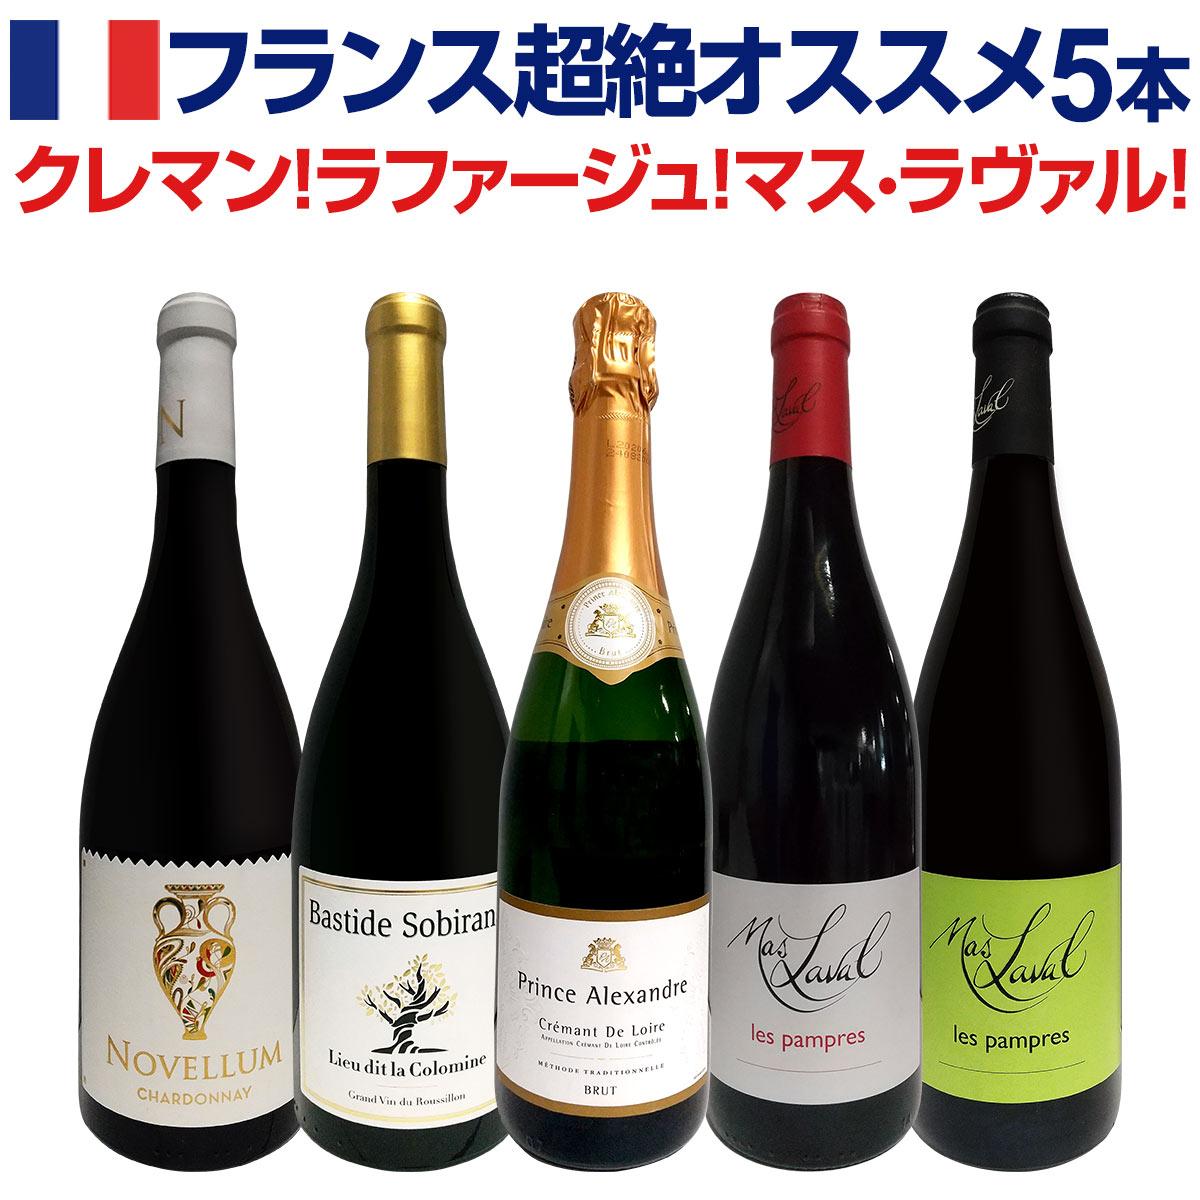 【送料無料】クレマン!ラファージュ!マス・ラヴァル!間違いなしの極旨ワインだけ!フランス超絶オススメ5本セット!